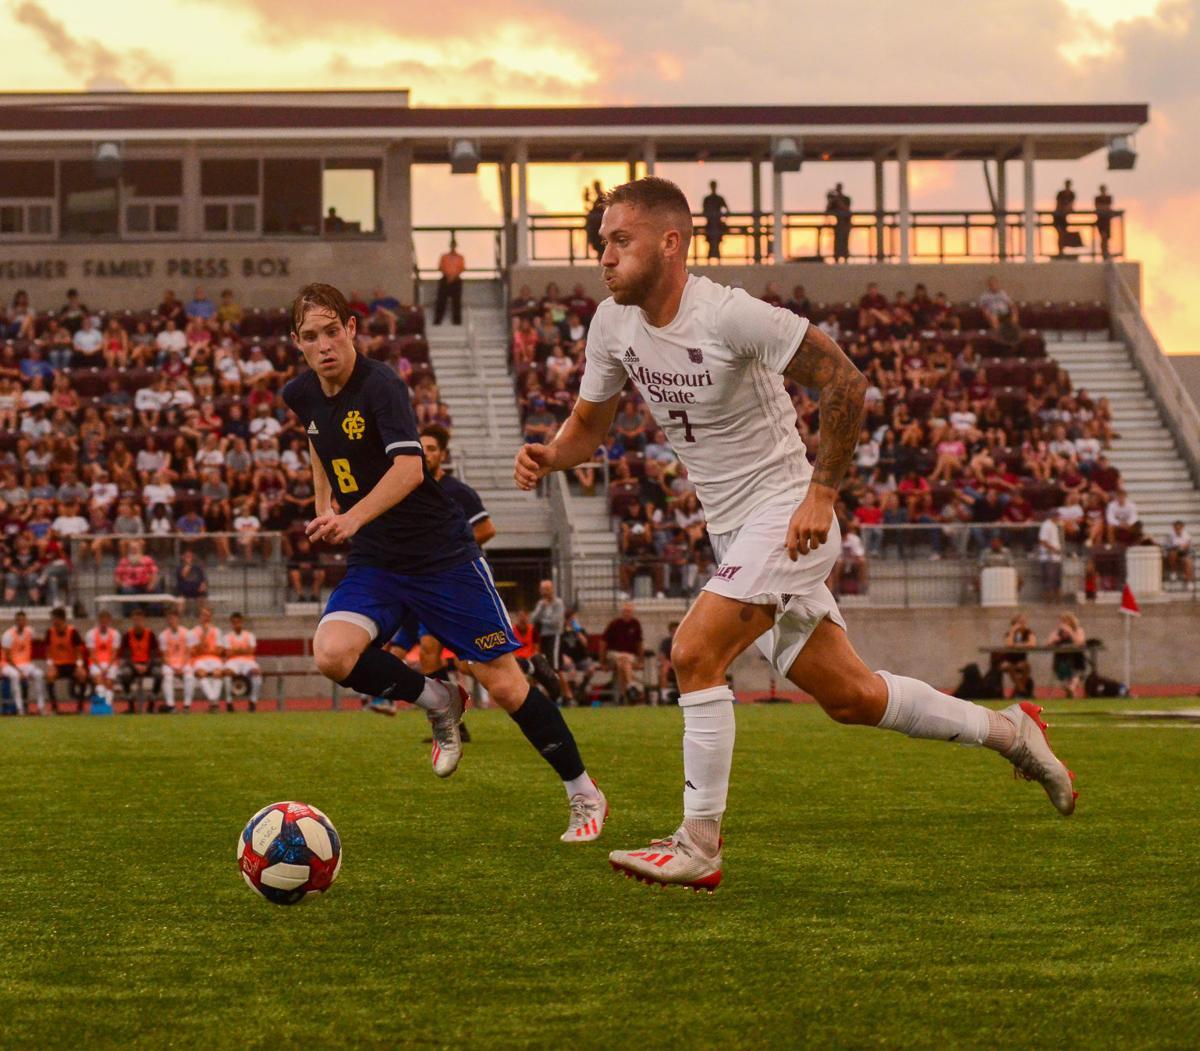 Nicolo Mulatero sprints forward